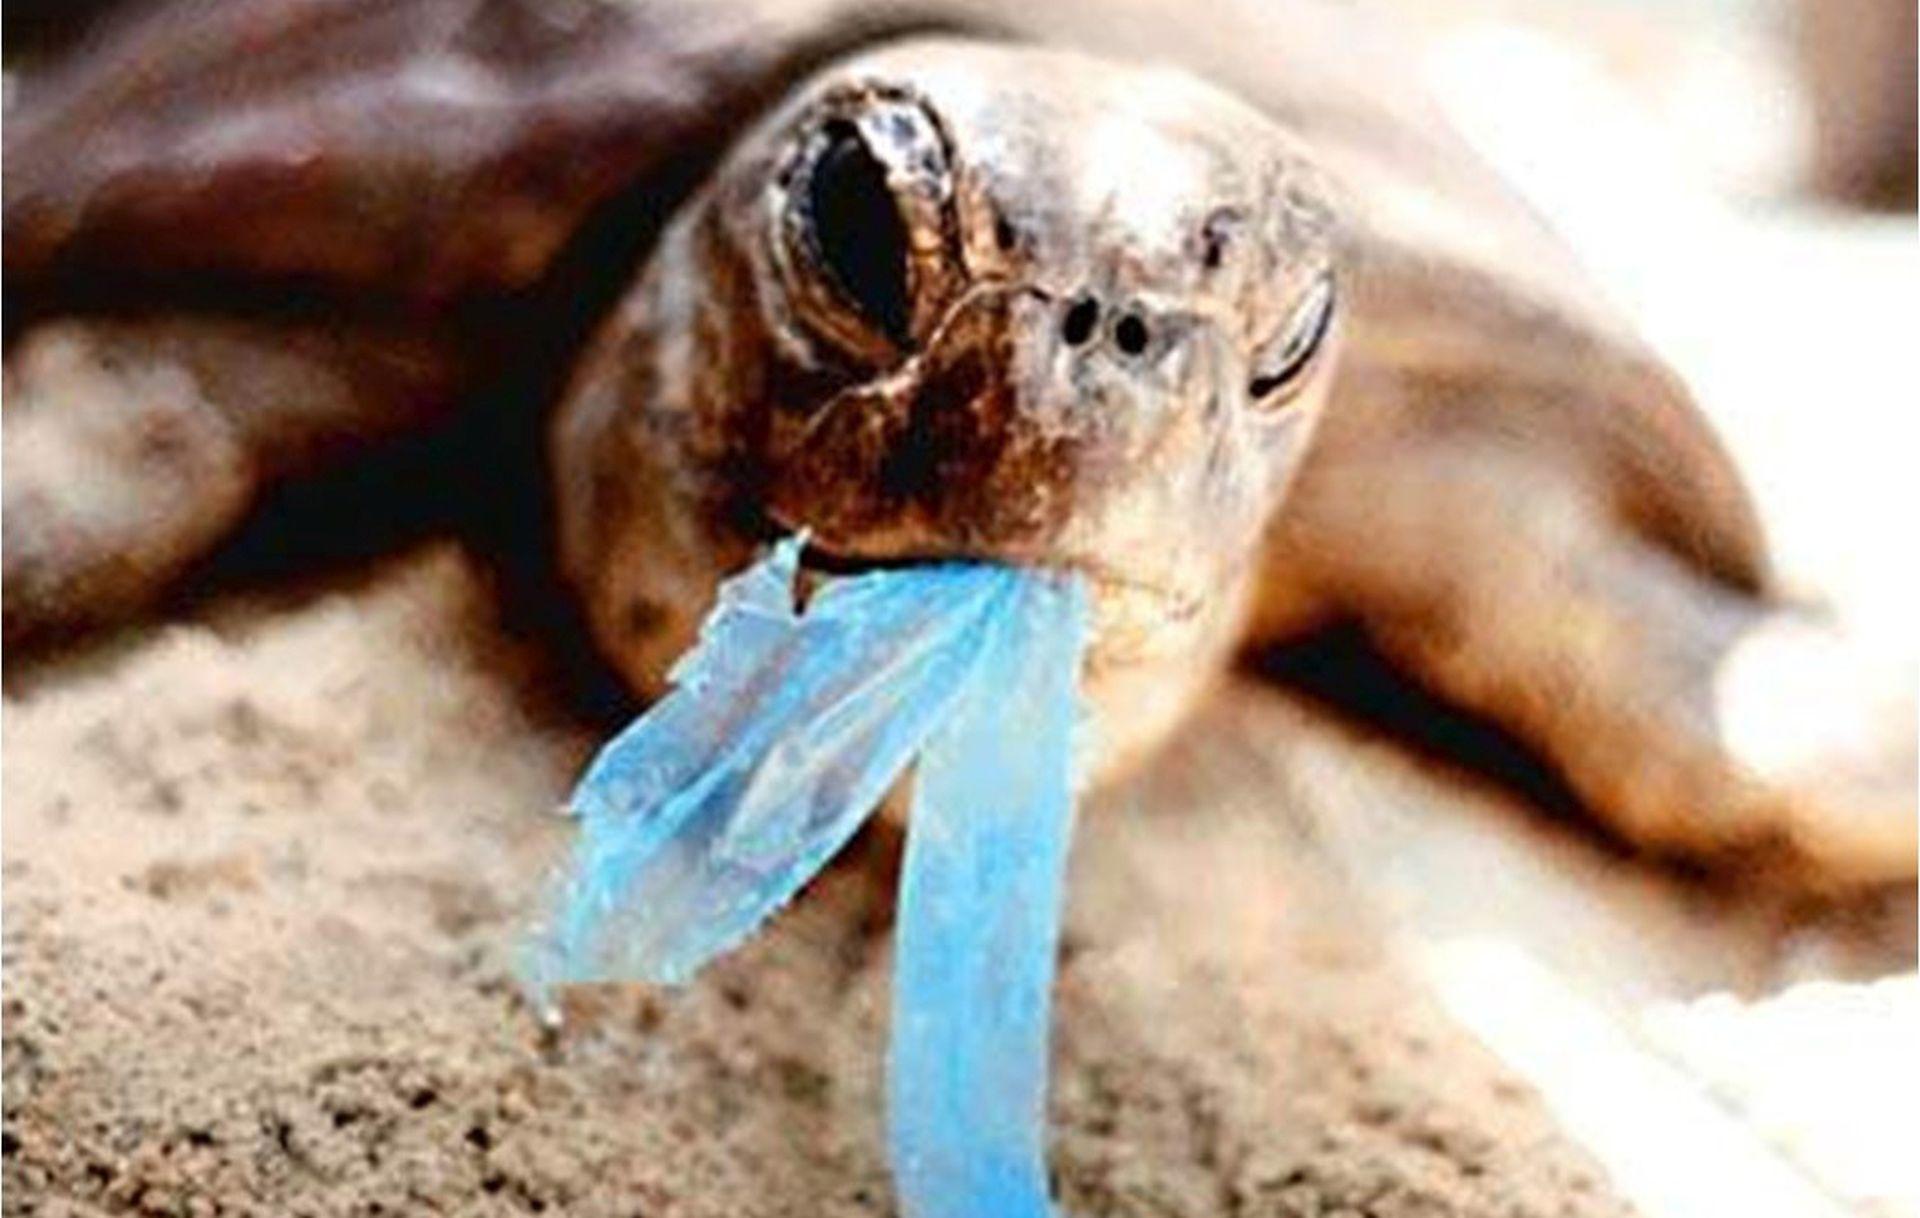 PRIJATELJI ŽIVOTINJA Plastična vrećica ne smije biti besplatna